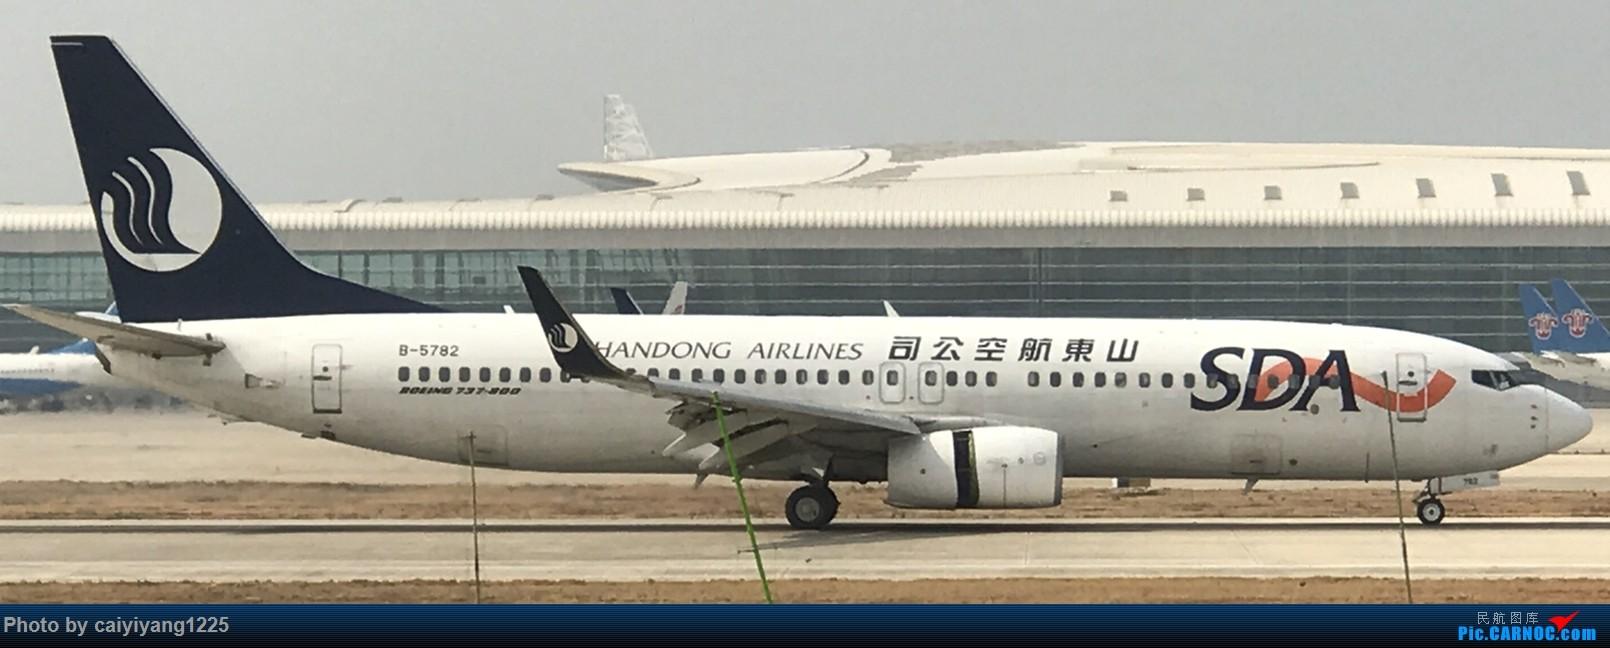 Re:[原创]武汉国庆拍机ps:出门忘带相机 拿手机拍的烂货请见谅! BOEING 737-800 B-5782 武汉天河国际机场